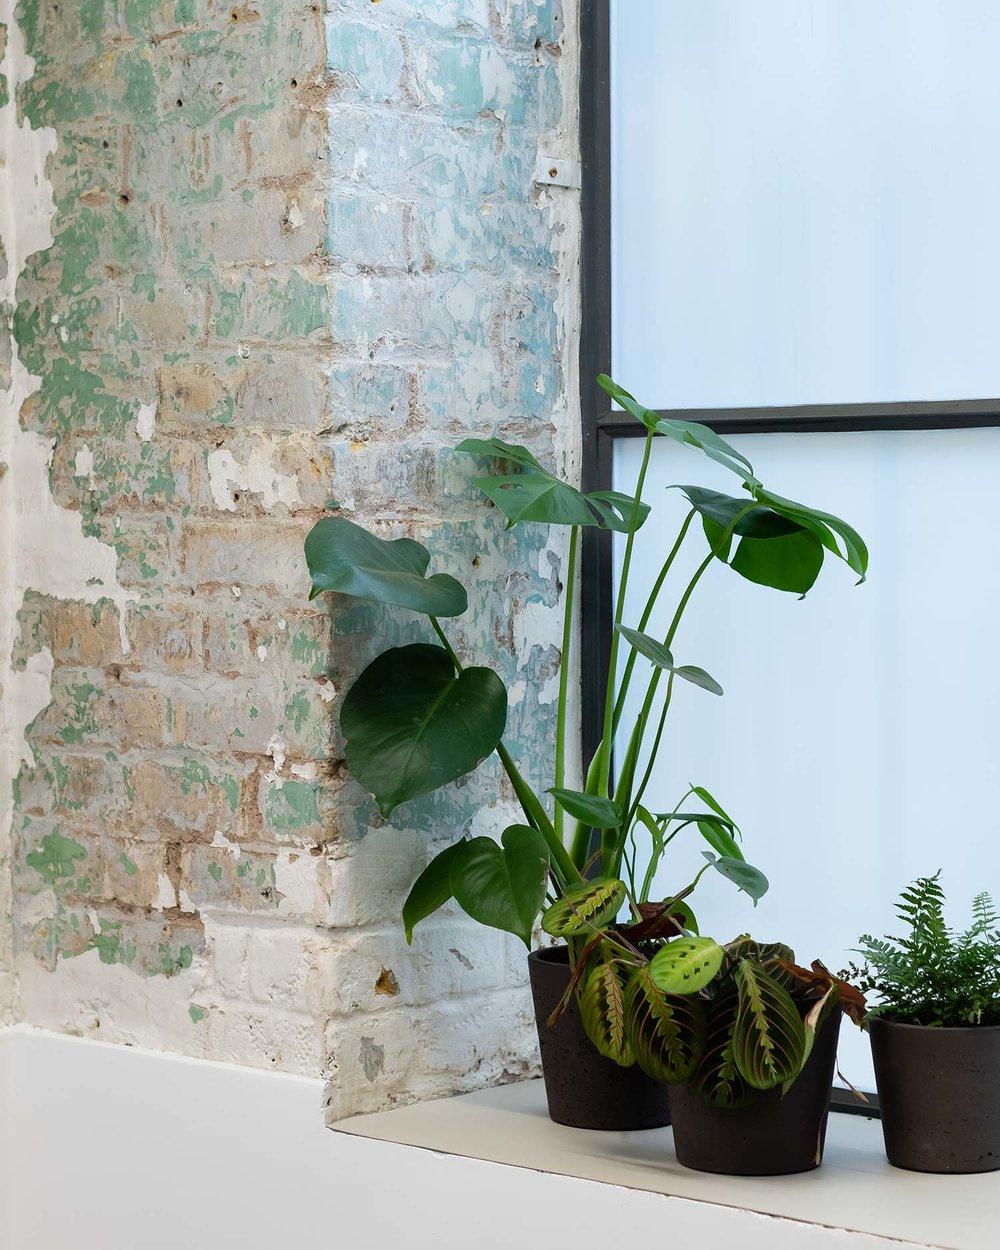 Architecture-London-Design-Freehaus-Workspace-Ink-Works-11.jpg